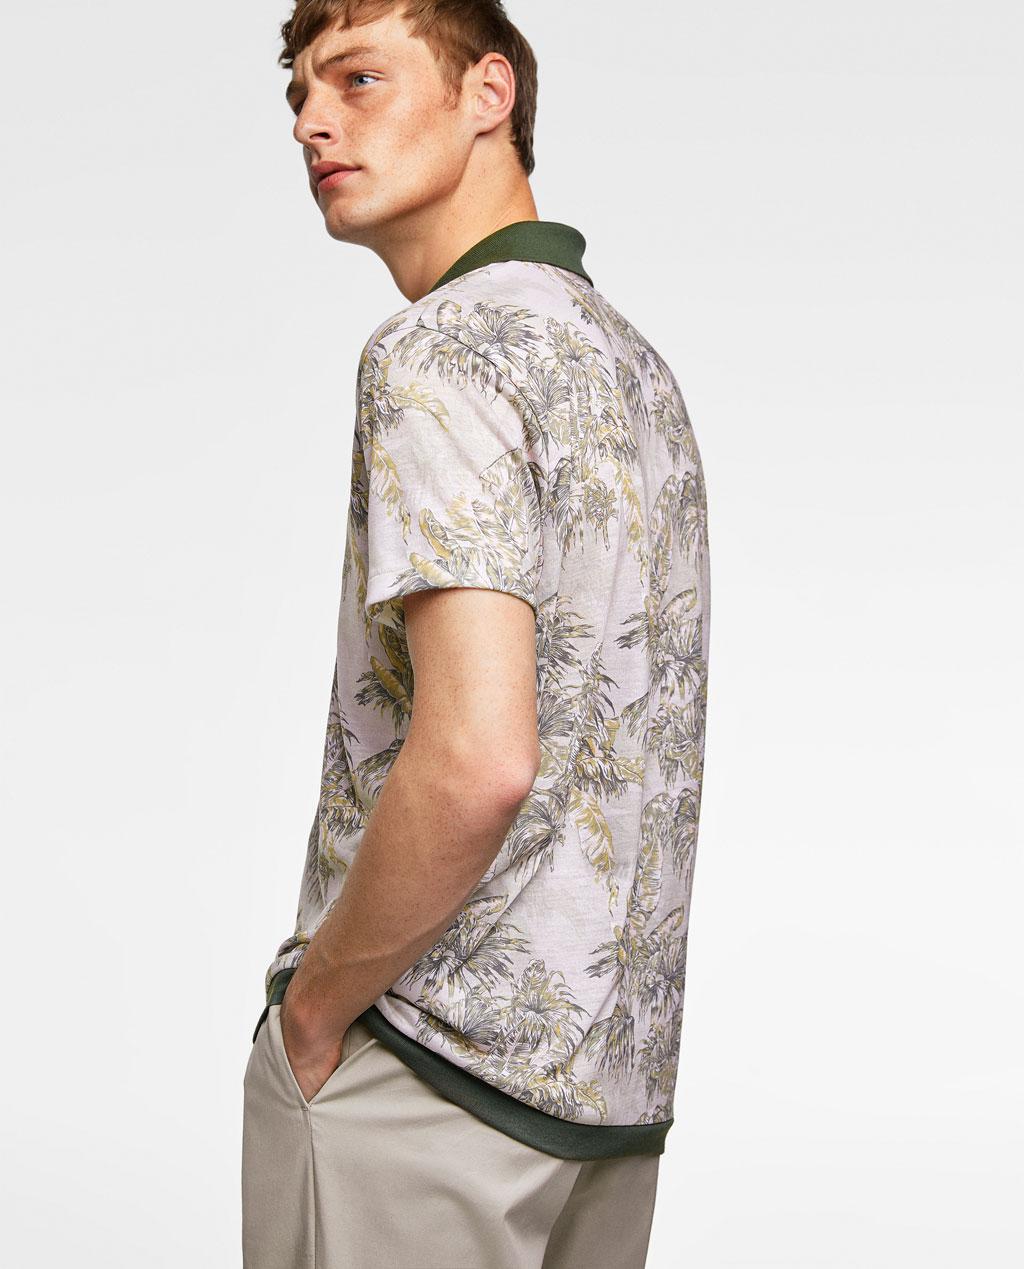 Thời trang nam Zara  24025 - ảnh 5